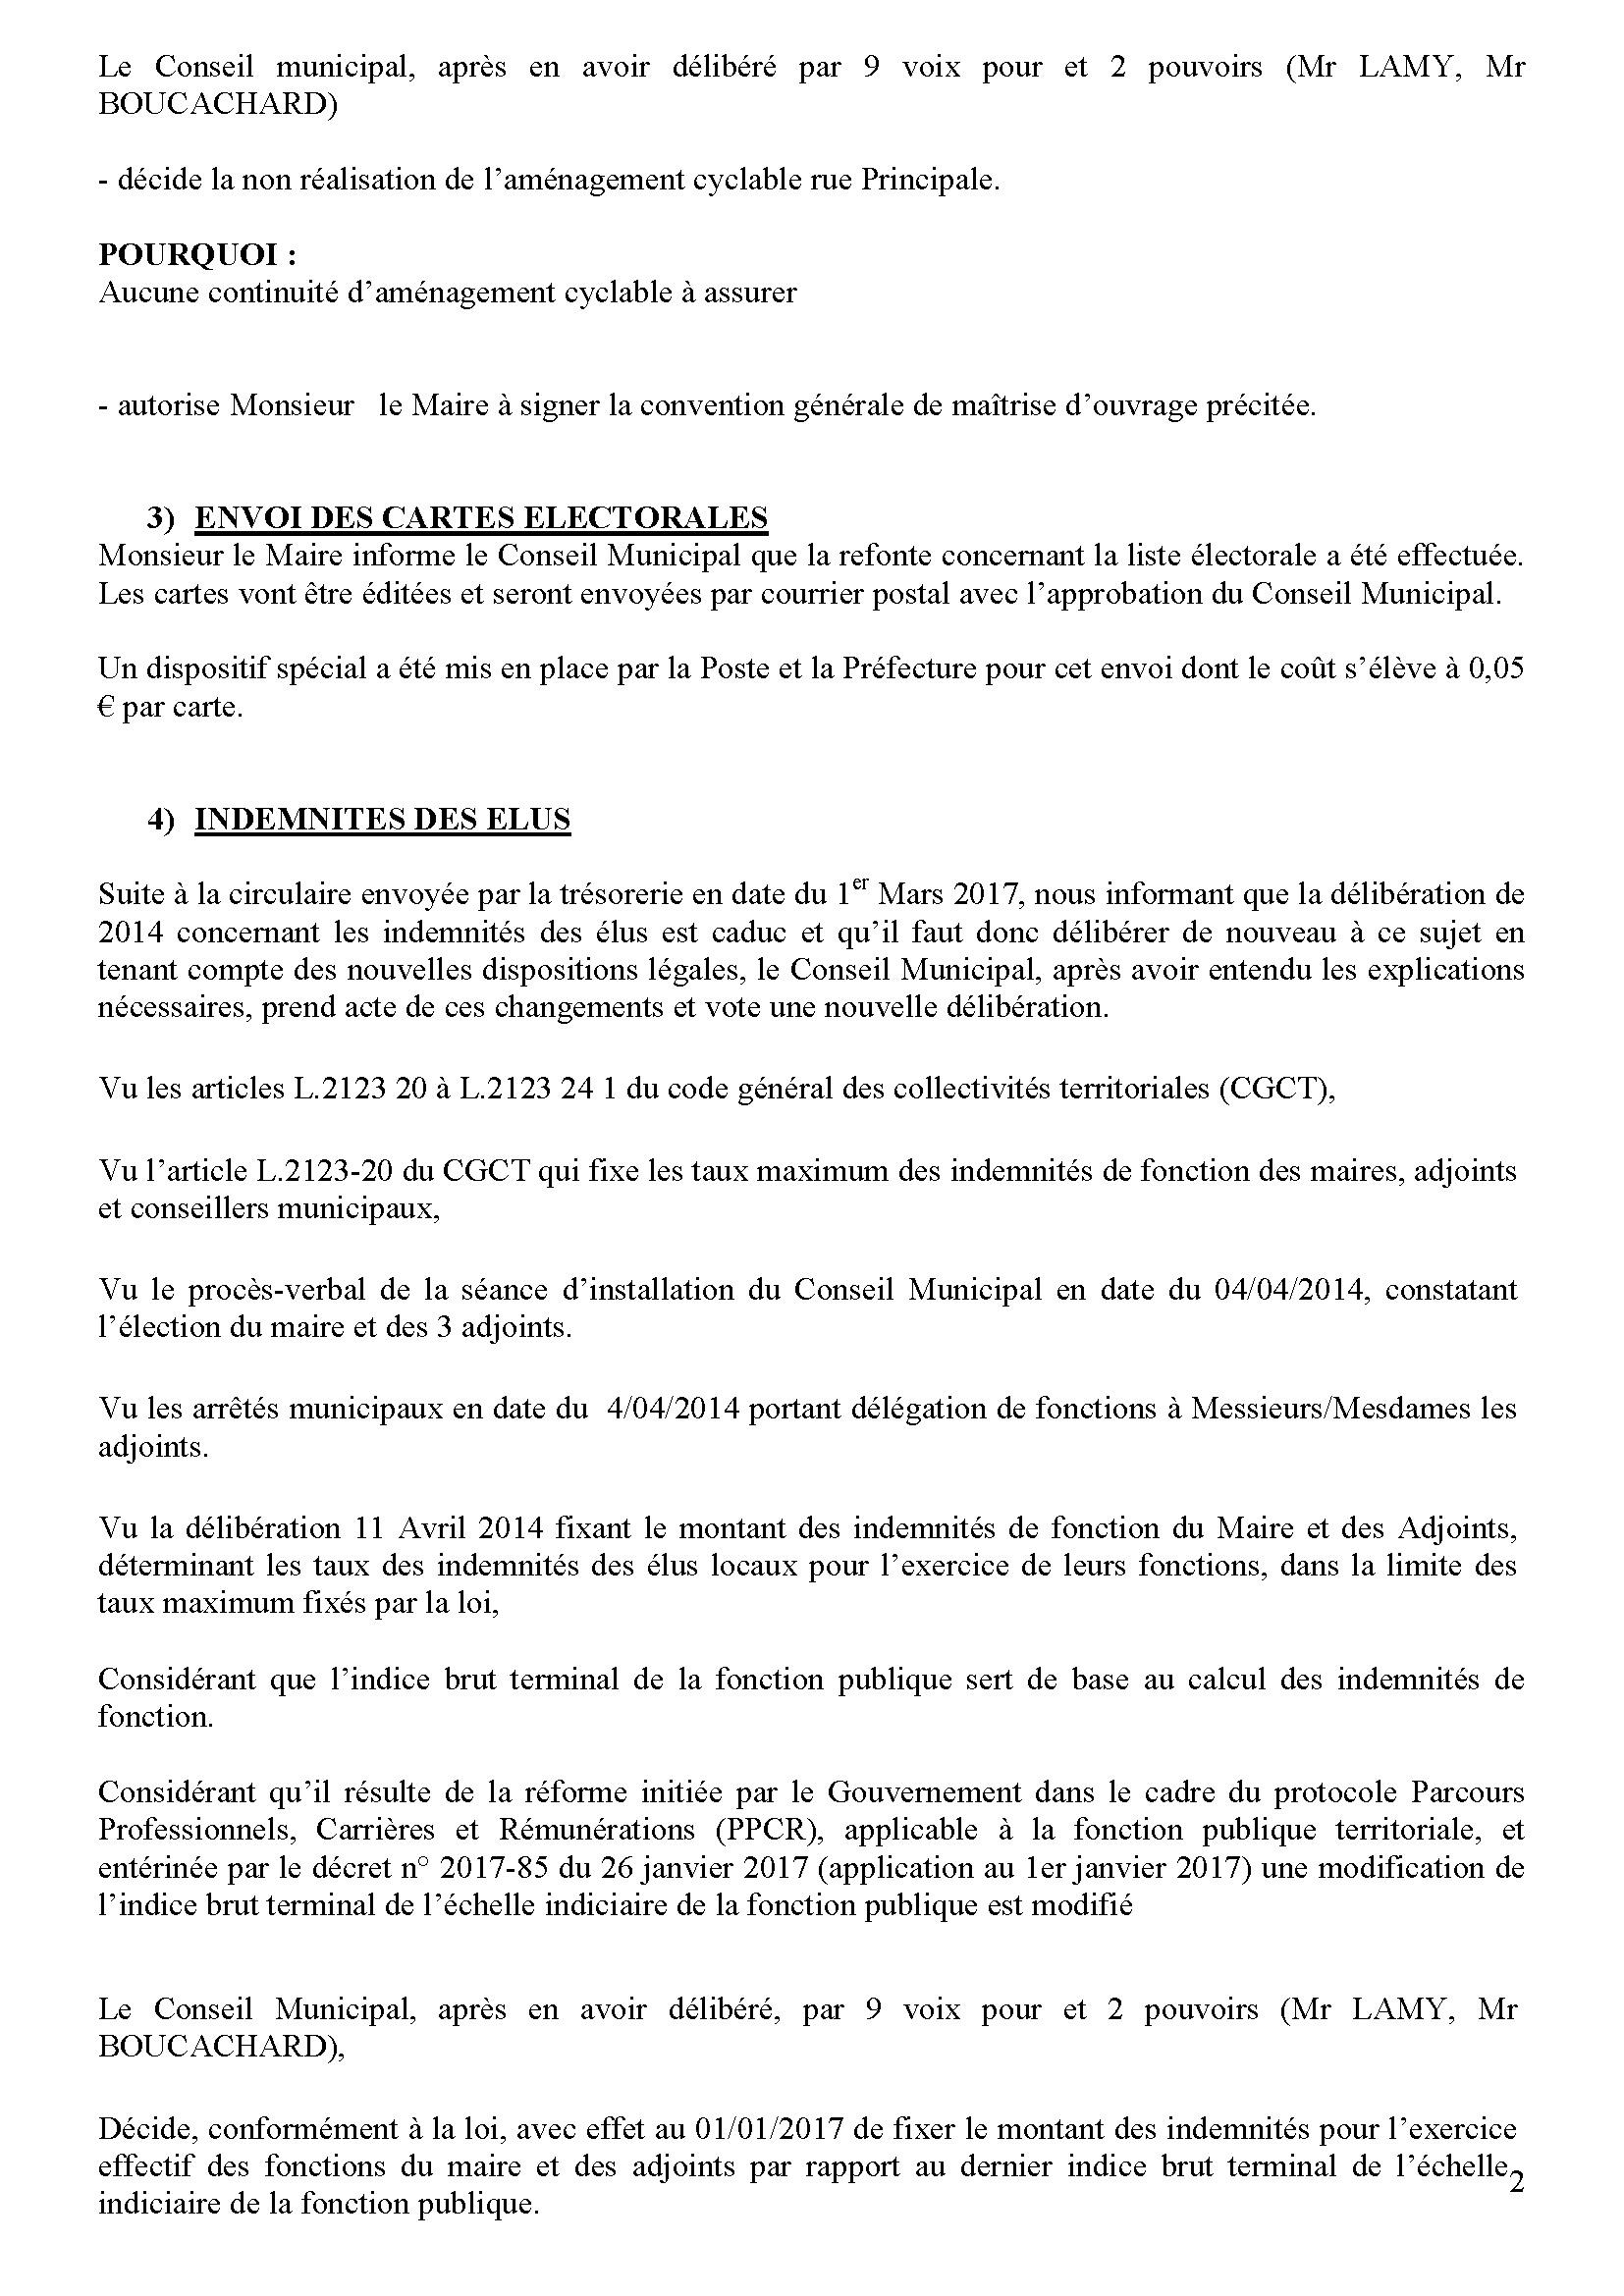 cr-du-10032017-page-2